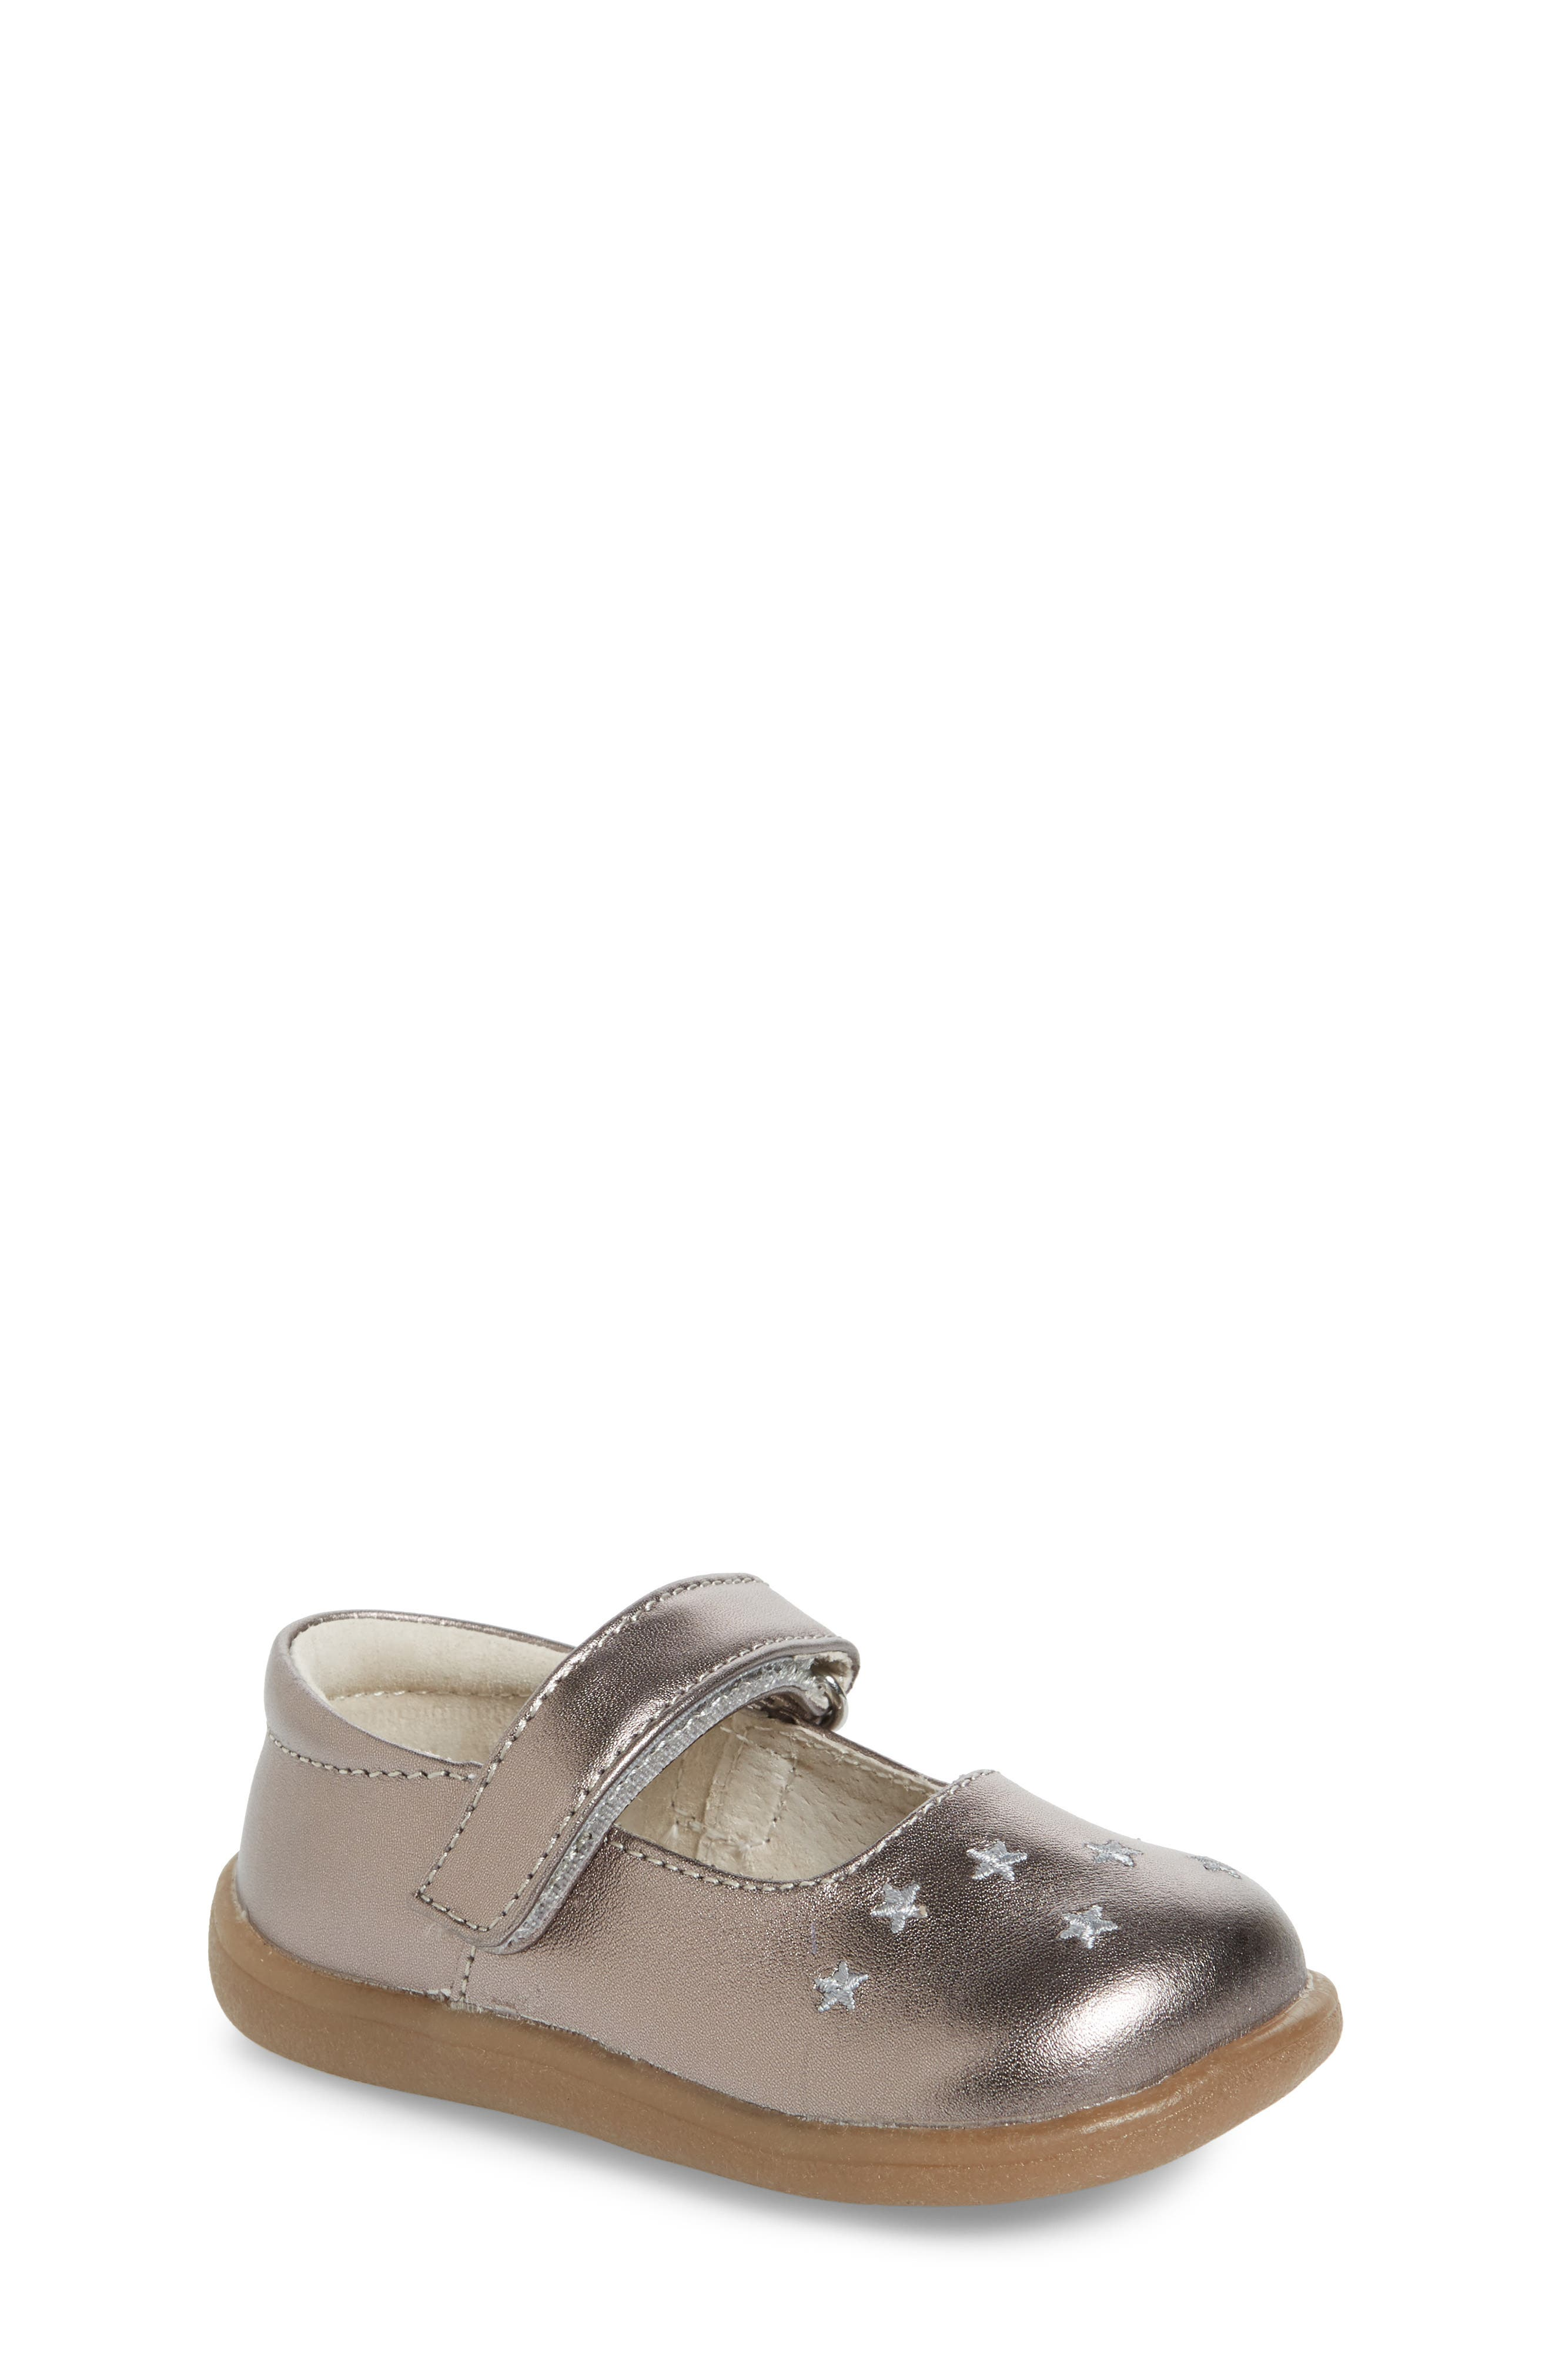 See Kai Run Harriett Mary Jane Flat (Baby, Walker, Toddler & Little Kid)